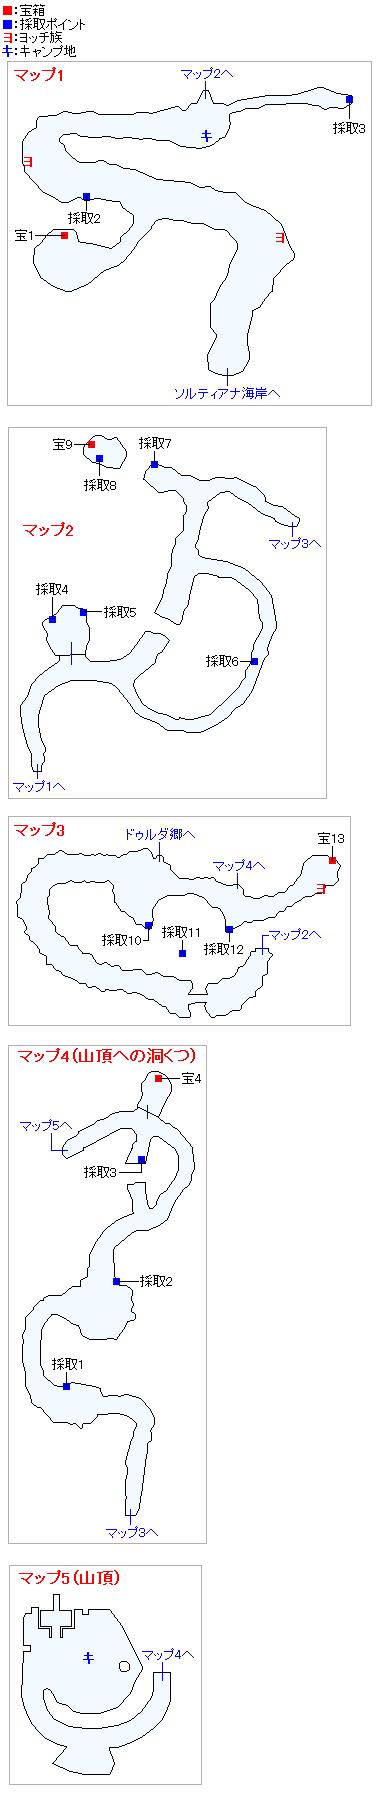 ドゥーランダ山(3DSの3Dモード)のマップ画像